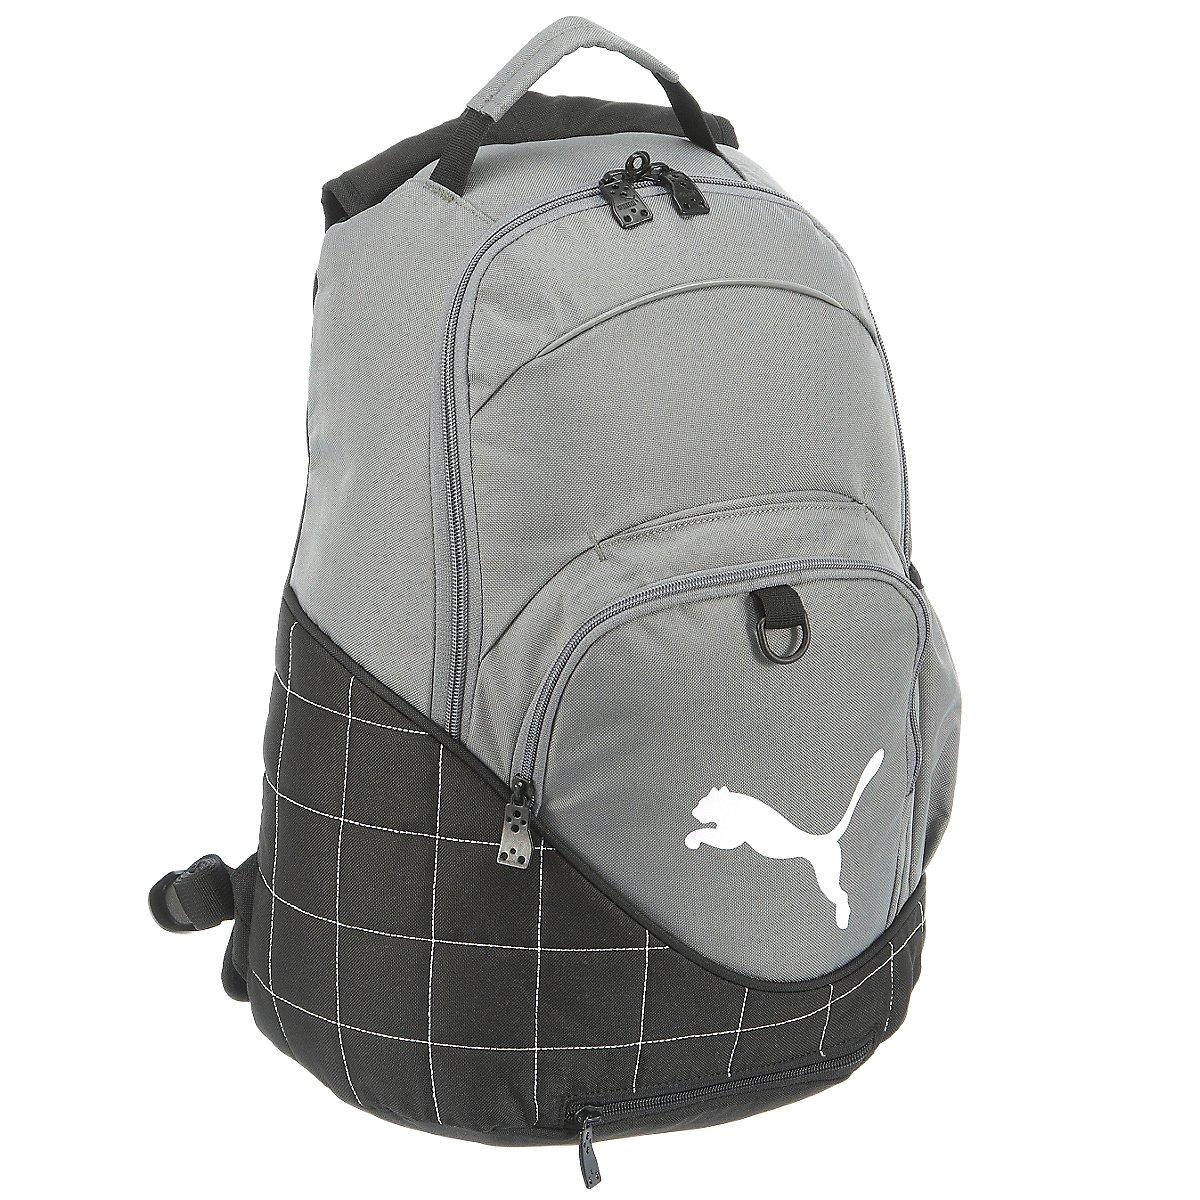 Artikel klicken und genauer betrachten! - Innentasche / Inneneinteilung - Laptopfach - In der Hand tragbar - Auf dem Rücken tragbar - Außentasche(n) - Nylon - Grau - | im Online Shop kaufen